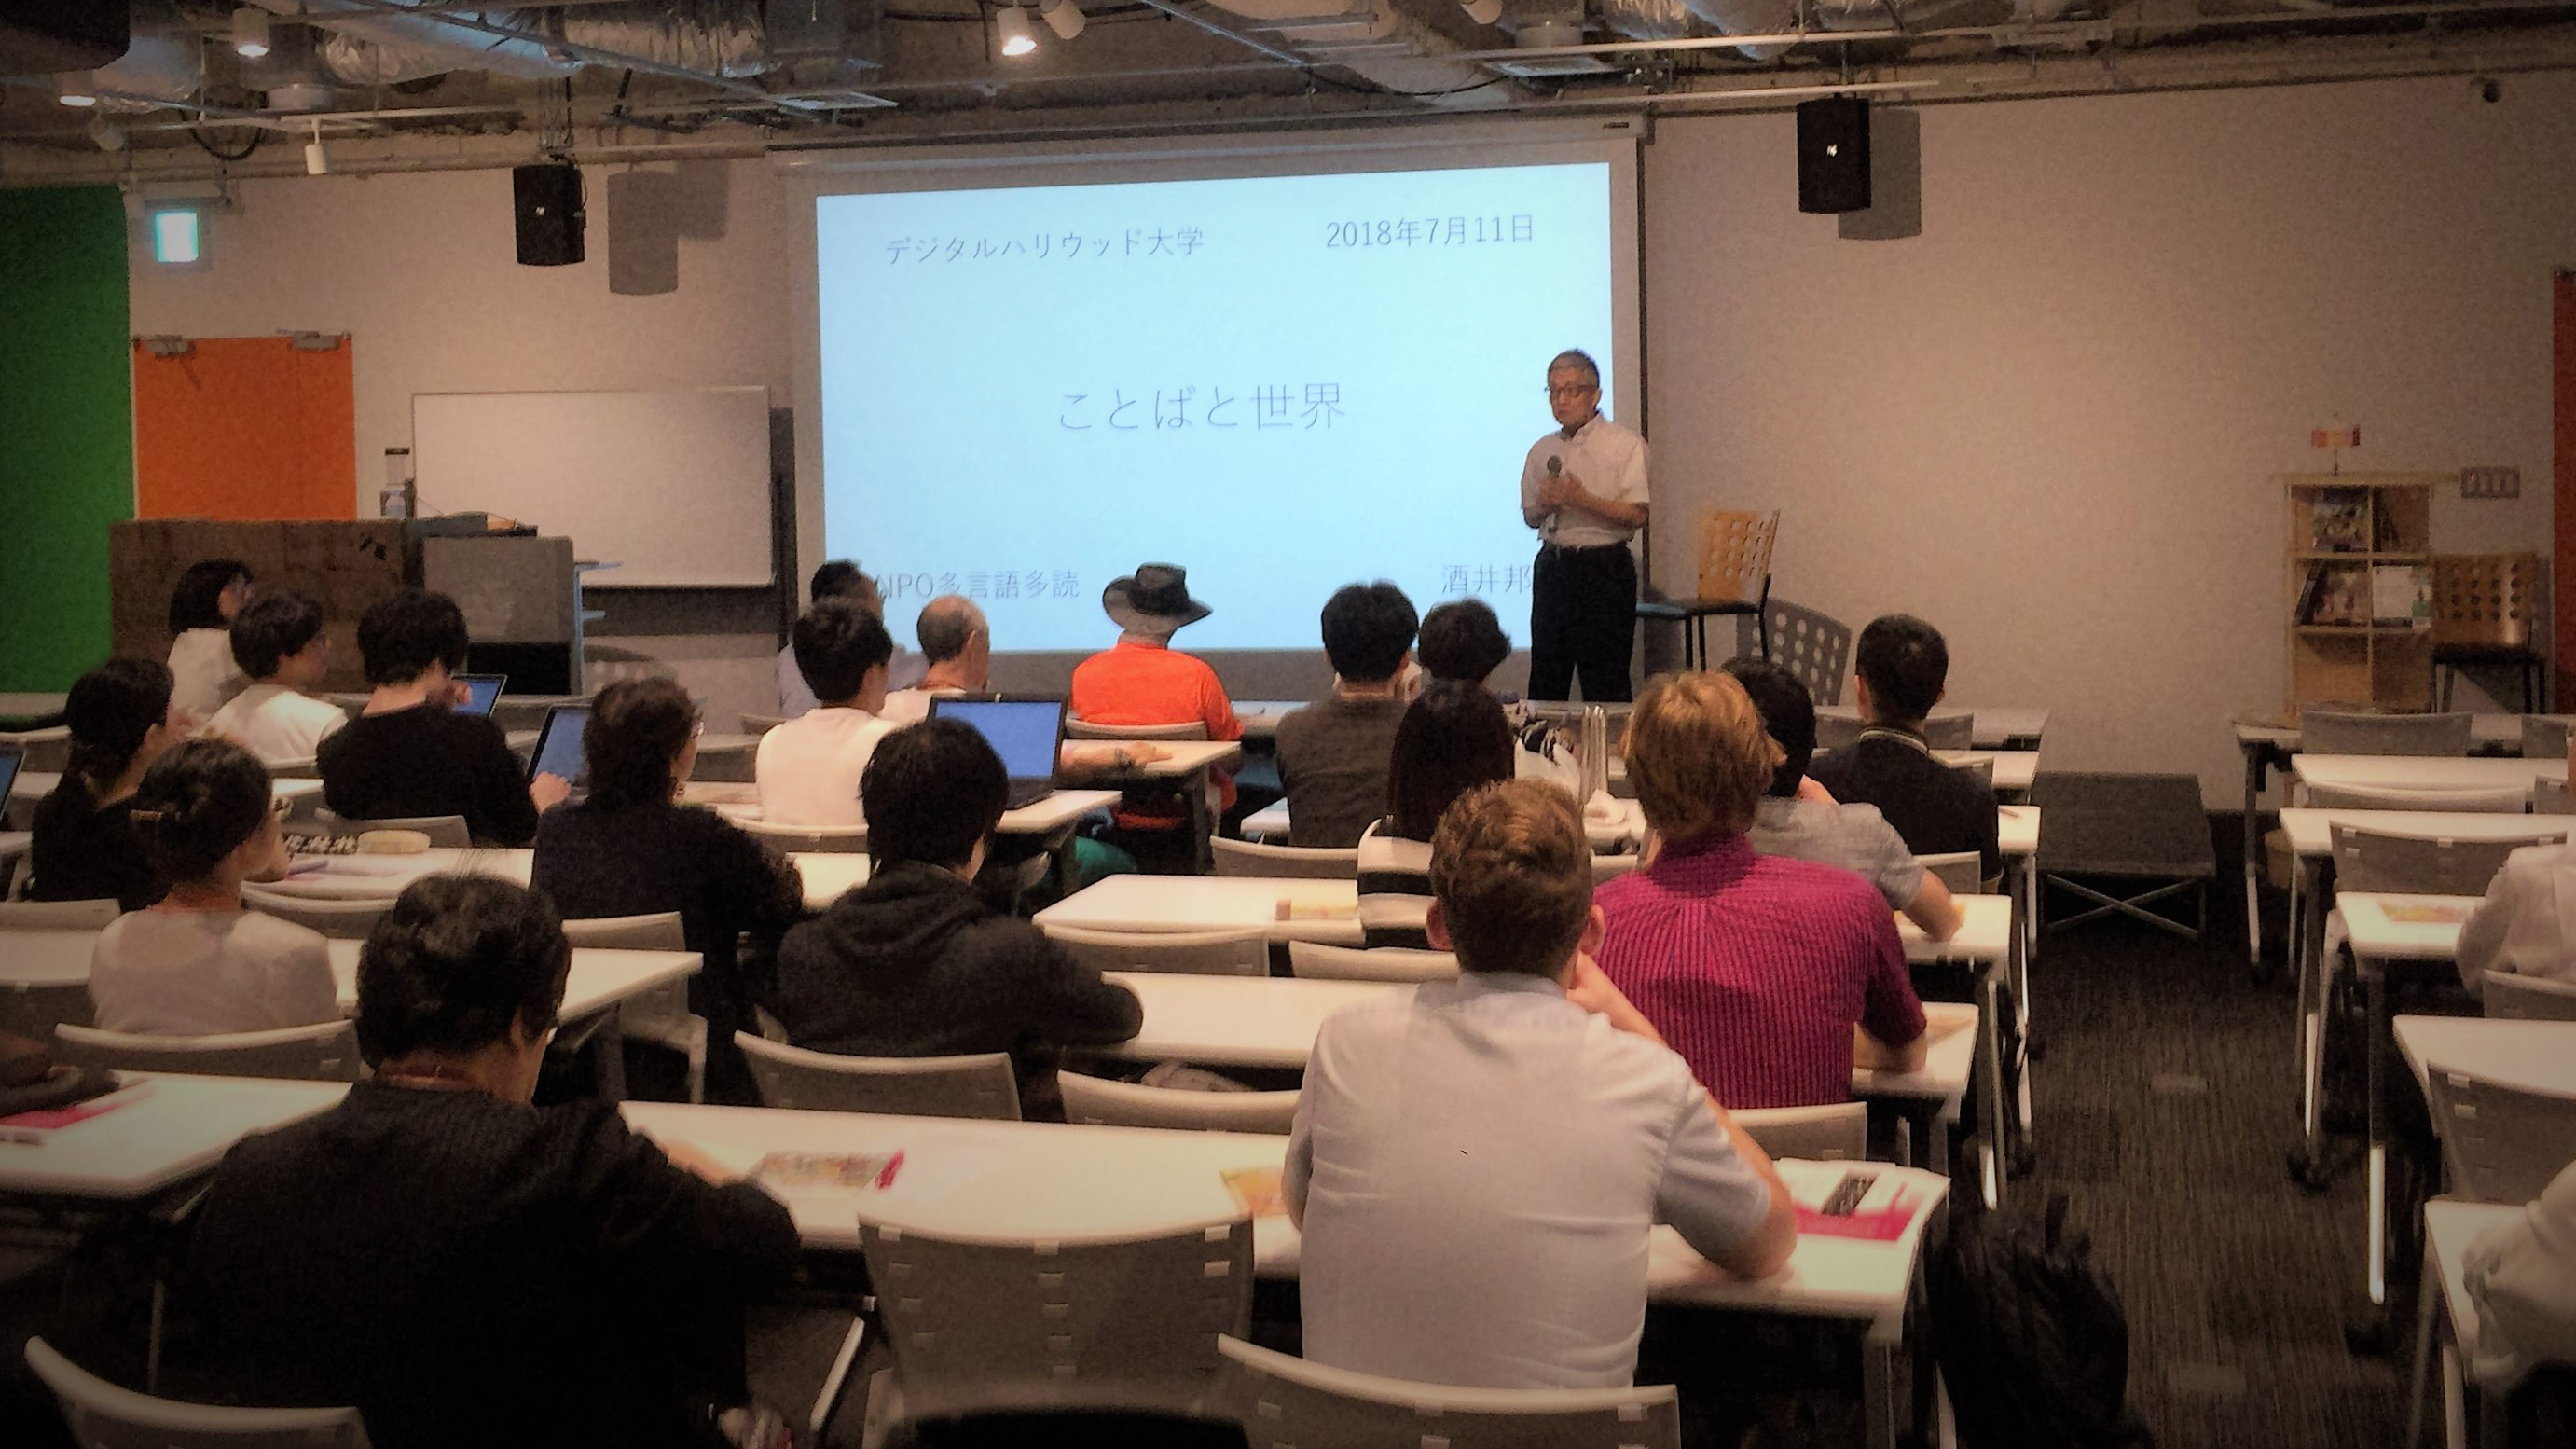 デジタルハリウッド大学[DHU]メディアライブラリー主催セミナー 英語多読講演会 ~「多読」から音・映像を通したTadokuへ~